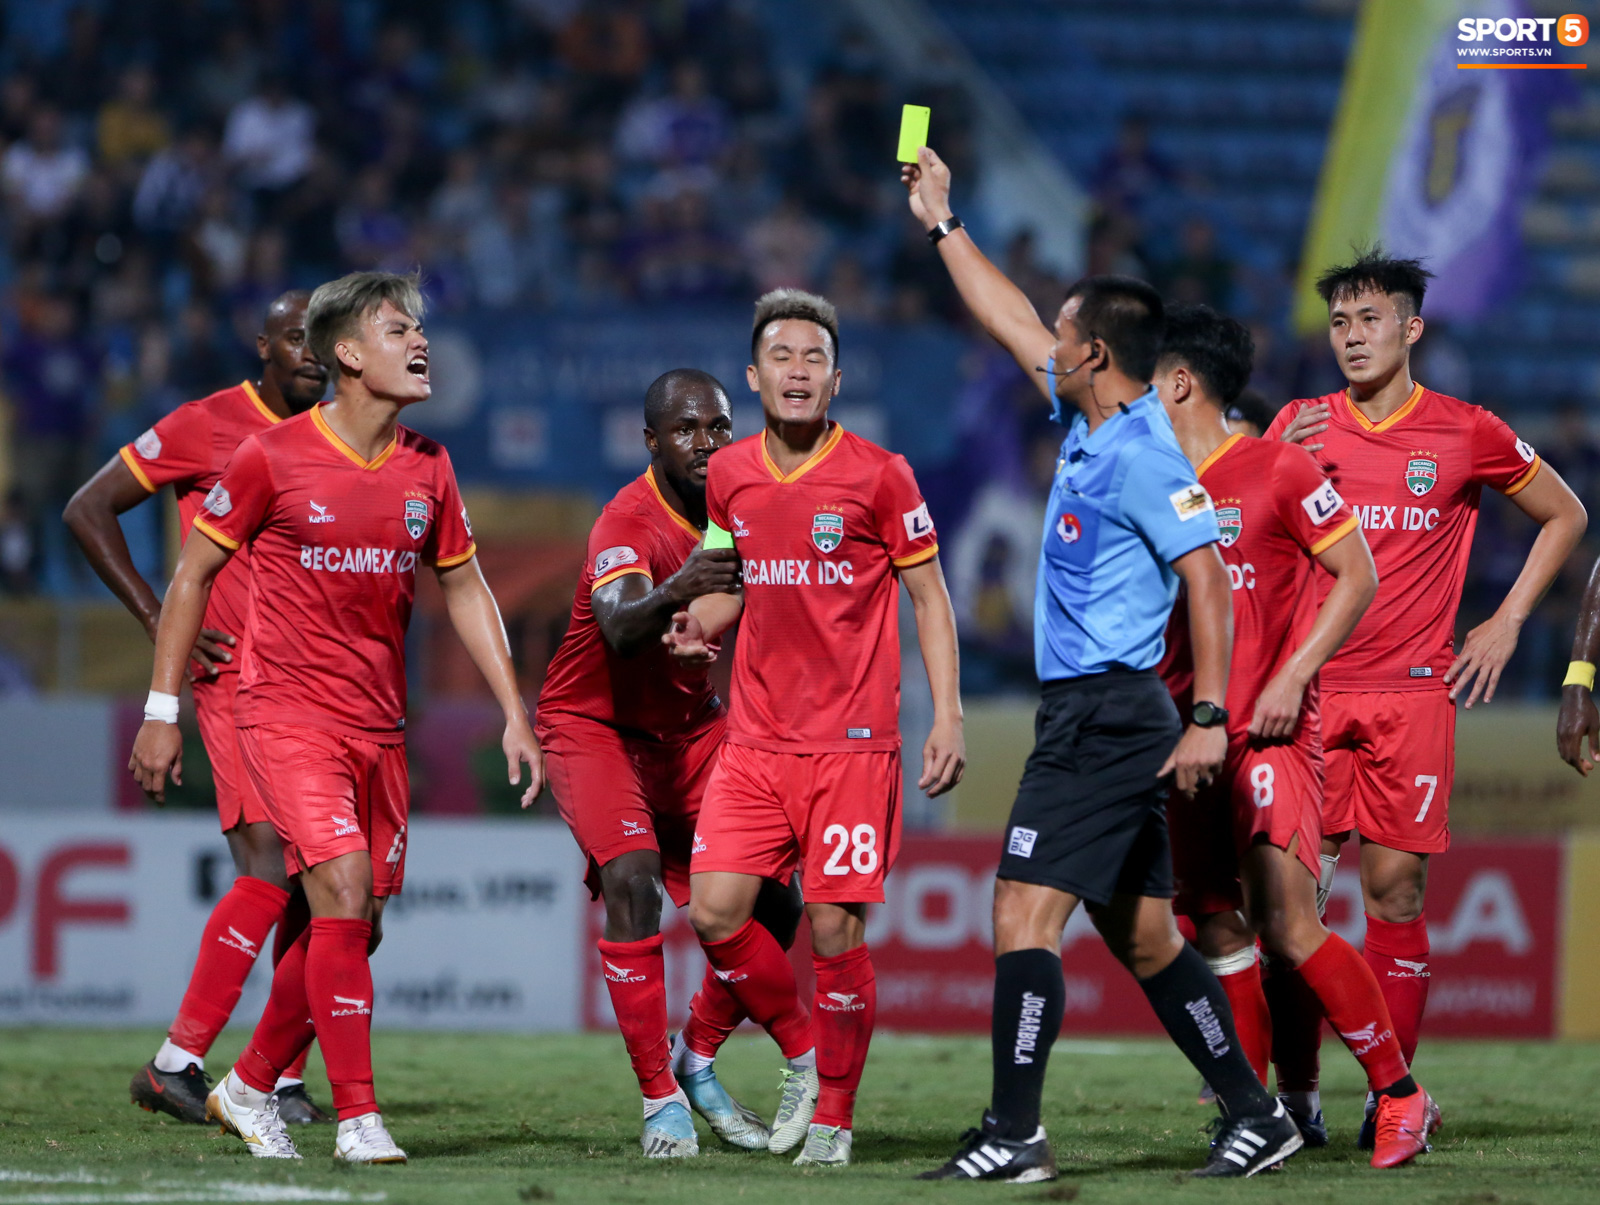 Quang Hải đòi trọng tài rút thẻ phạt cho bạn cũ ở U23 Việt Nam sau pha phạm lỗi nguy hiểm - Ảnh 4.